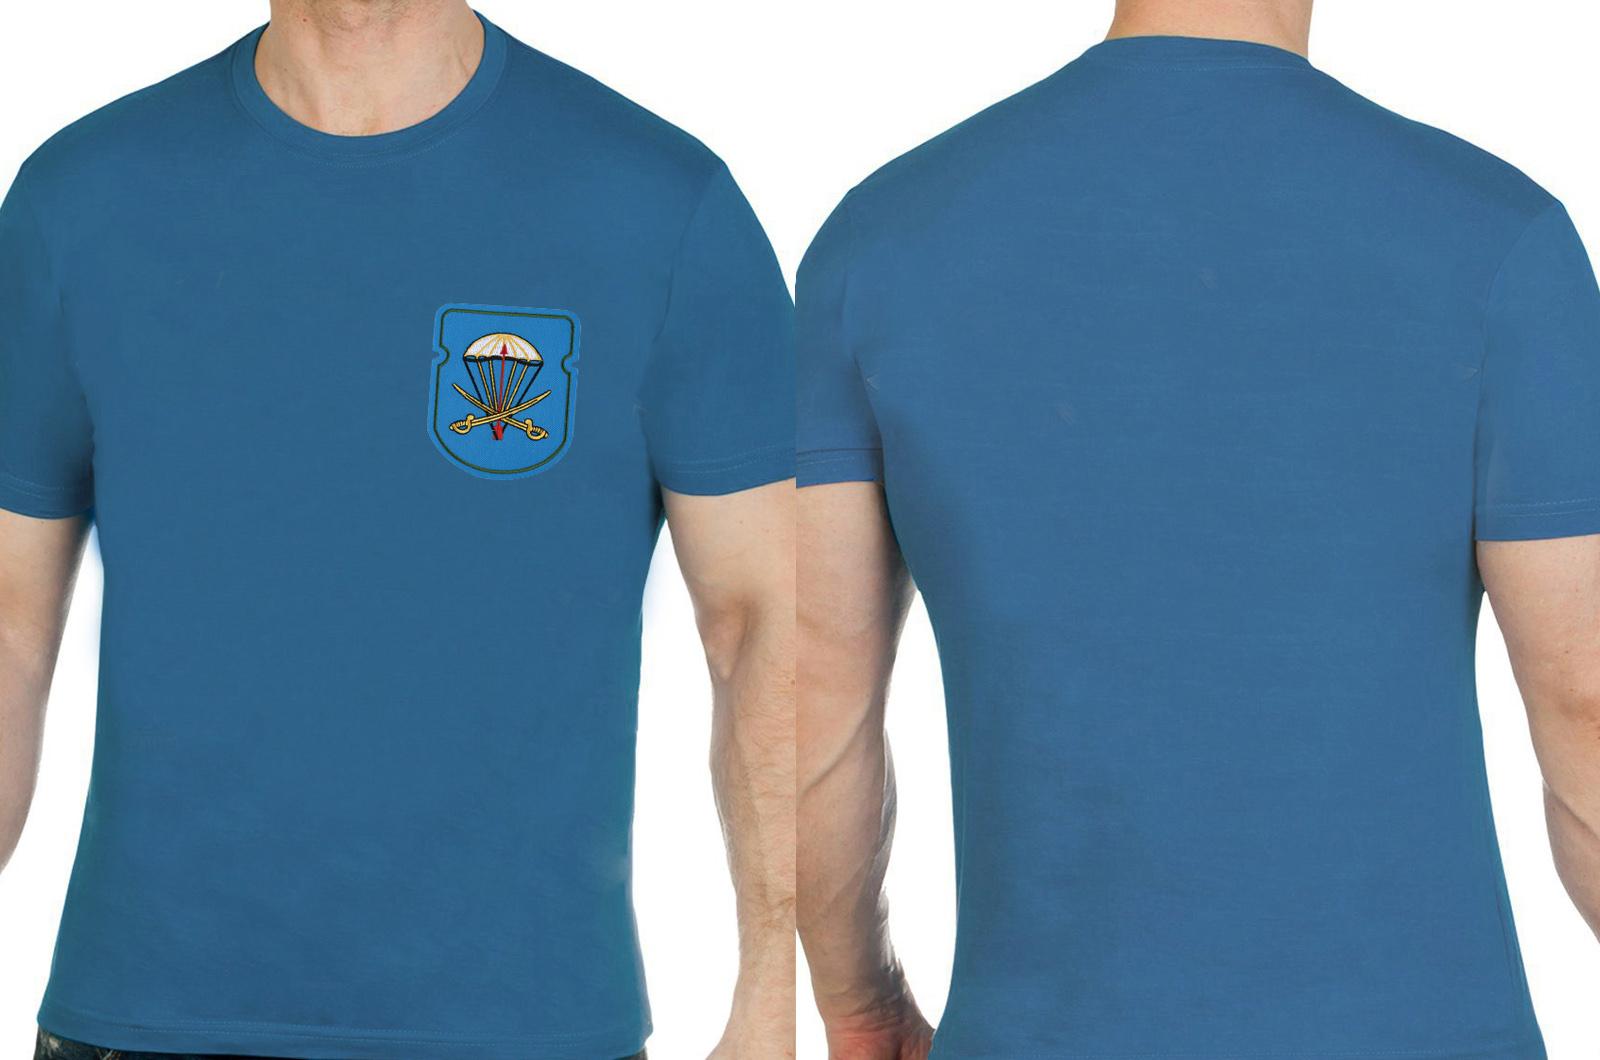 Практичная хлопковая футболка с вышивкой ВДВ - заказать оптом